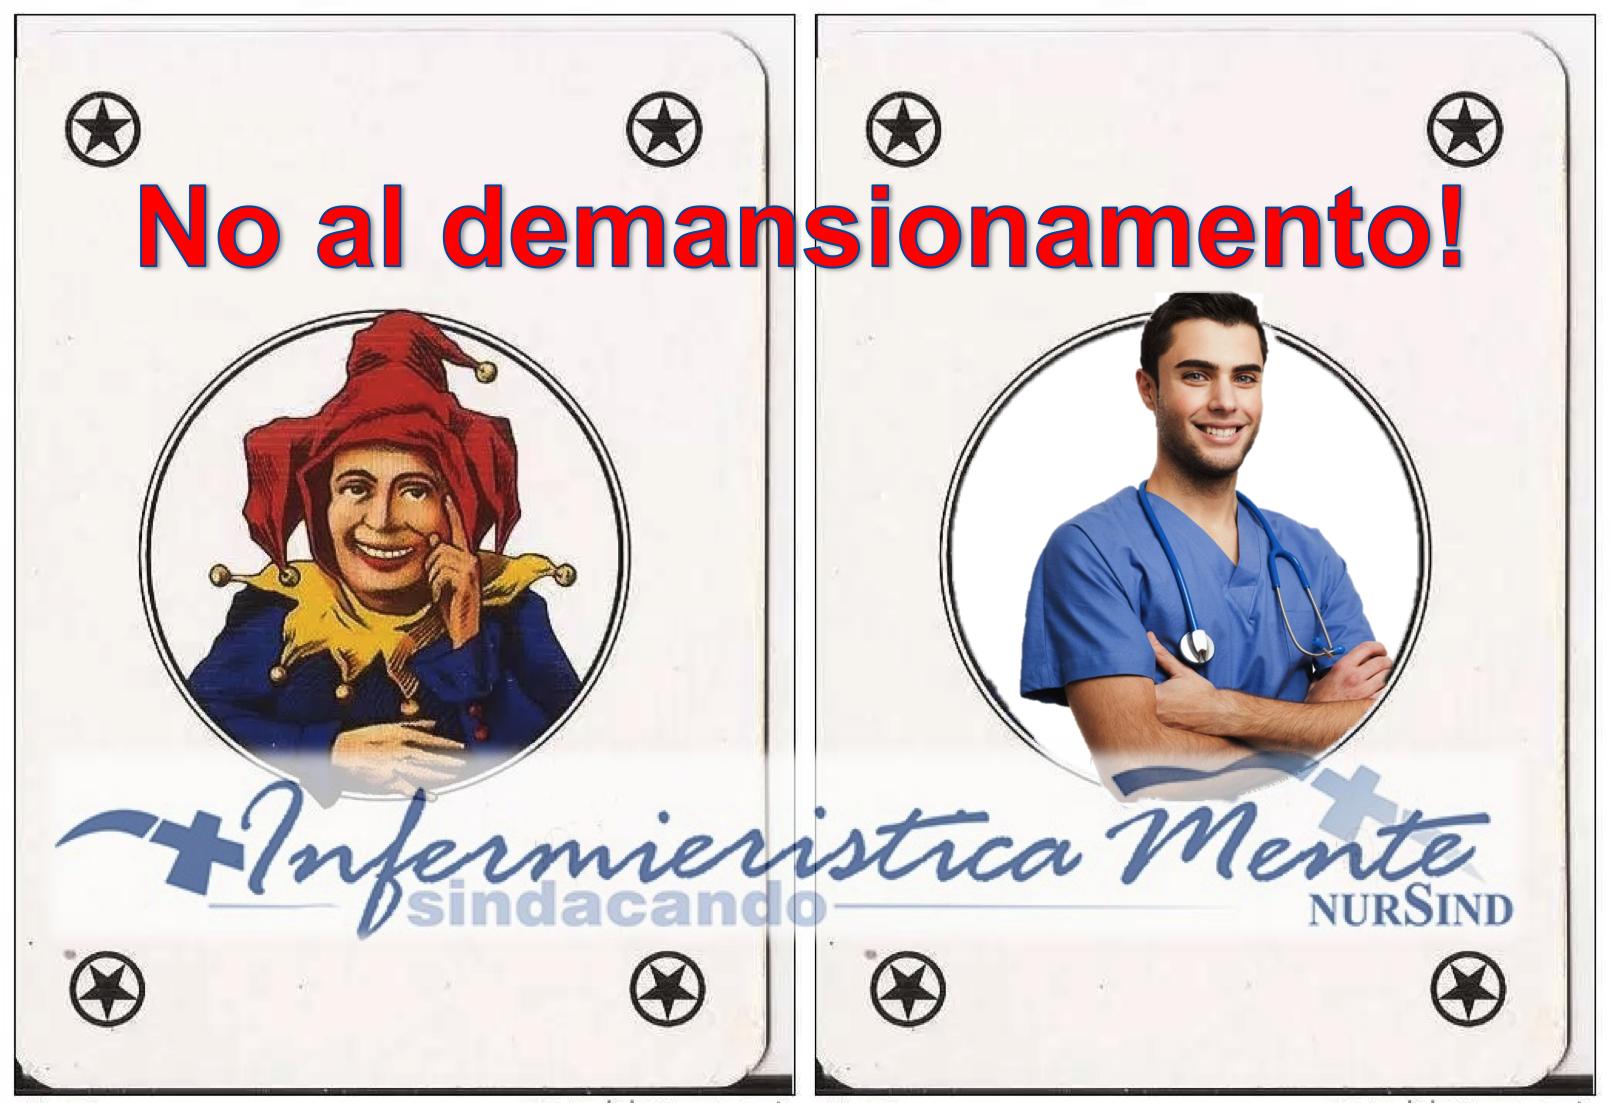 Articolo 49 e demansionamento infermieristicamente for Subito offerte lavoro salerno